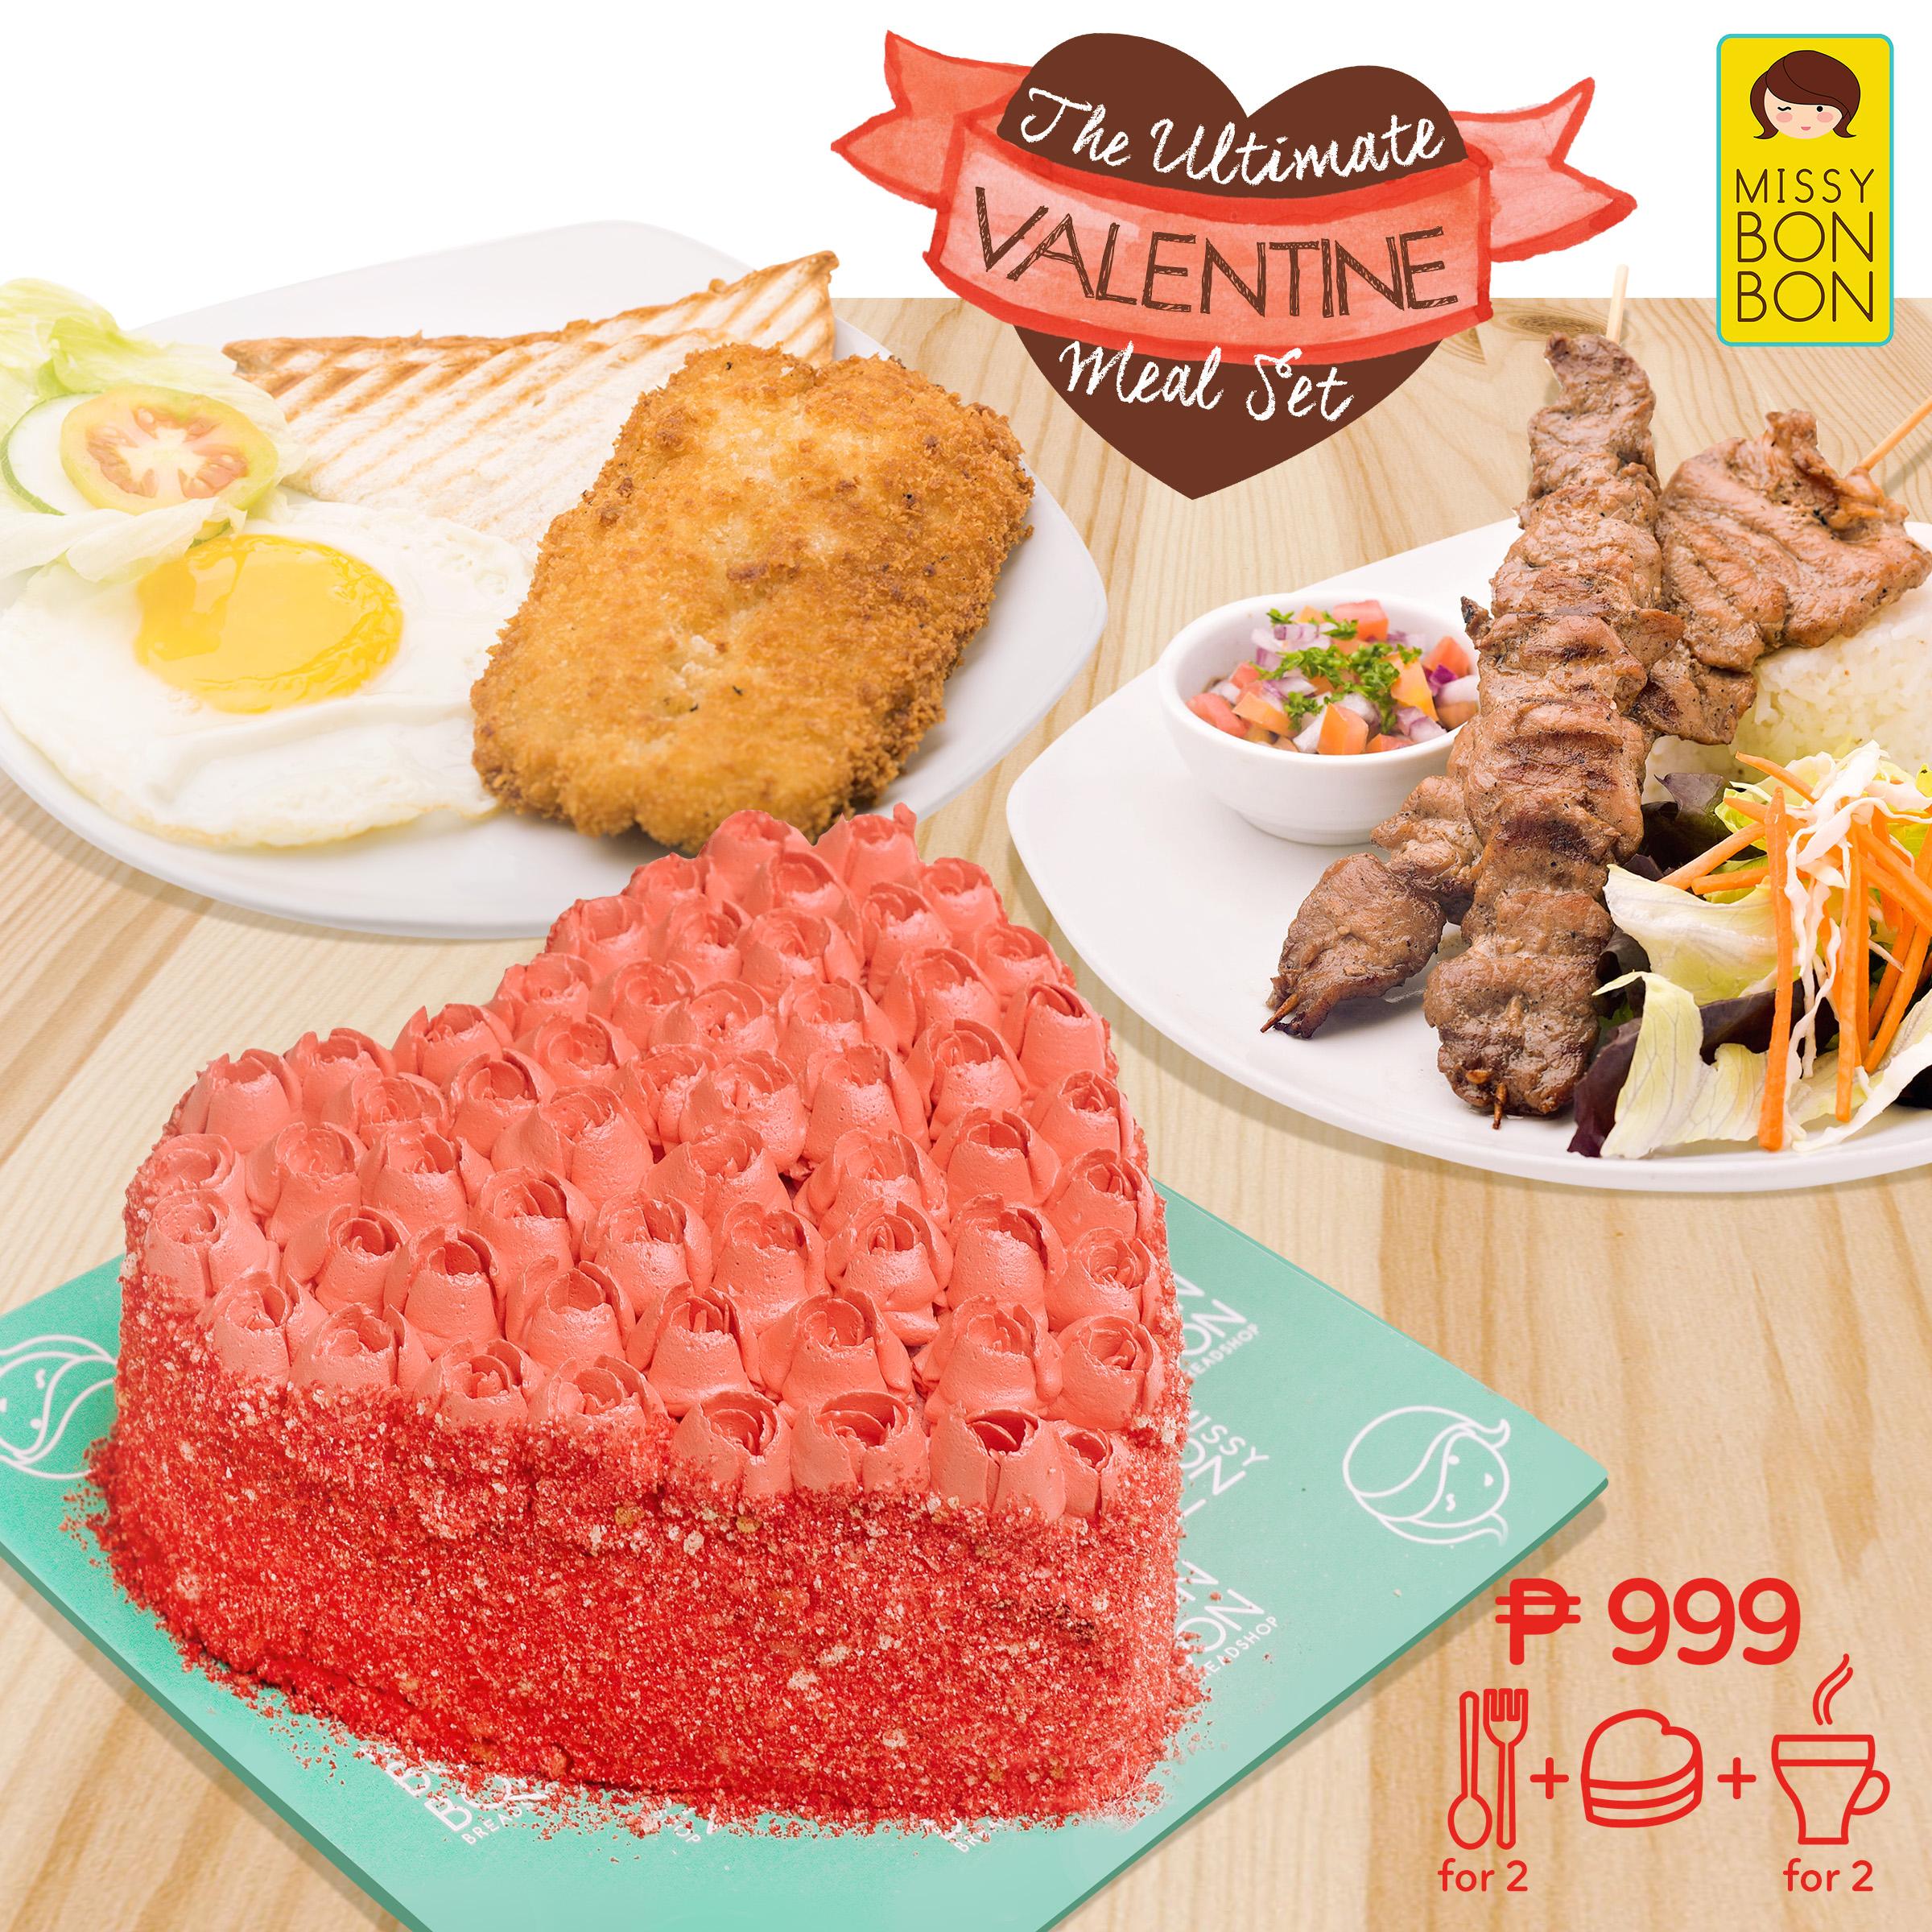 Valentine_Meal_Set_Soc_Med